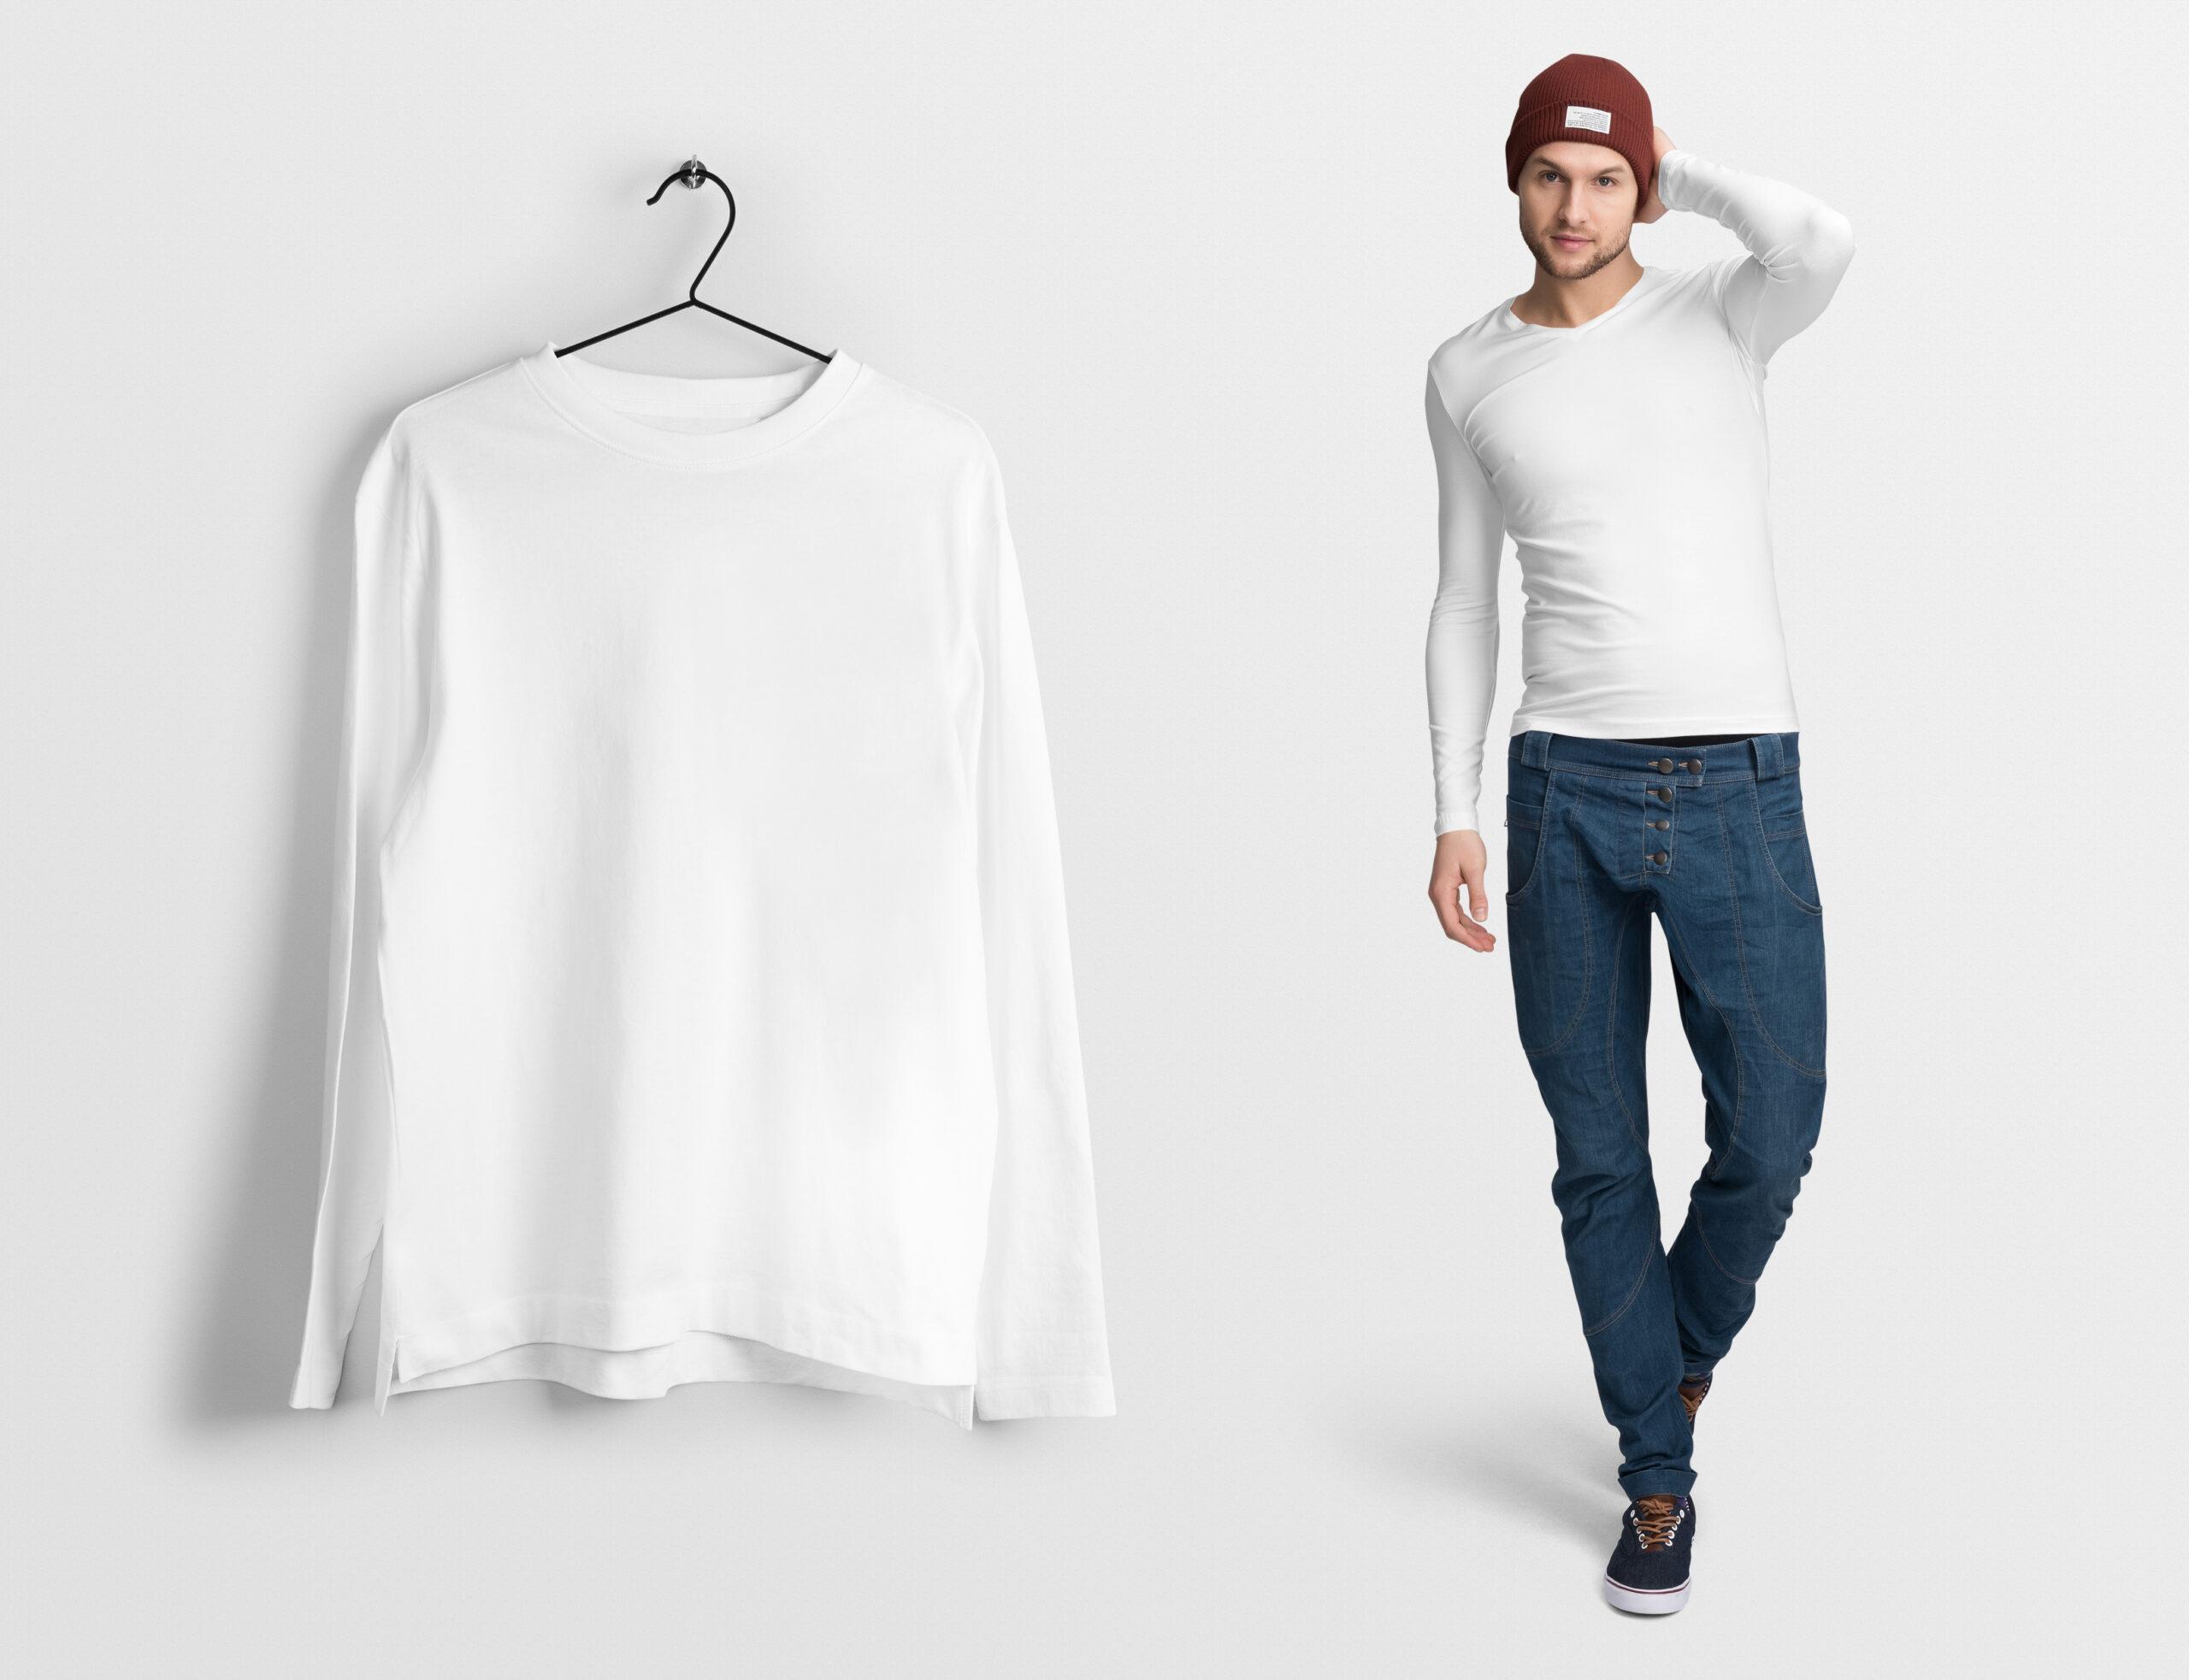 Пошив футболок <br> с длинным рукавом